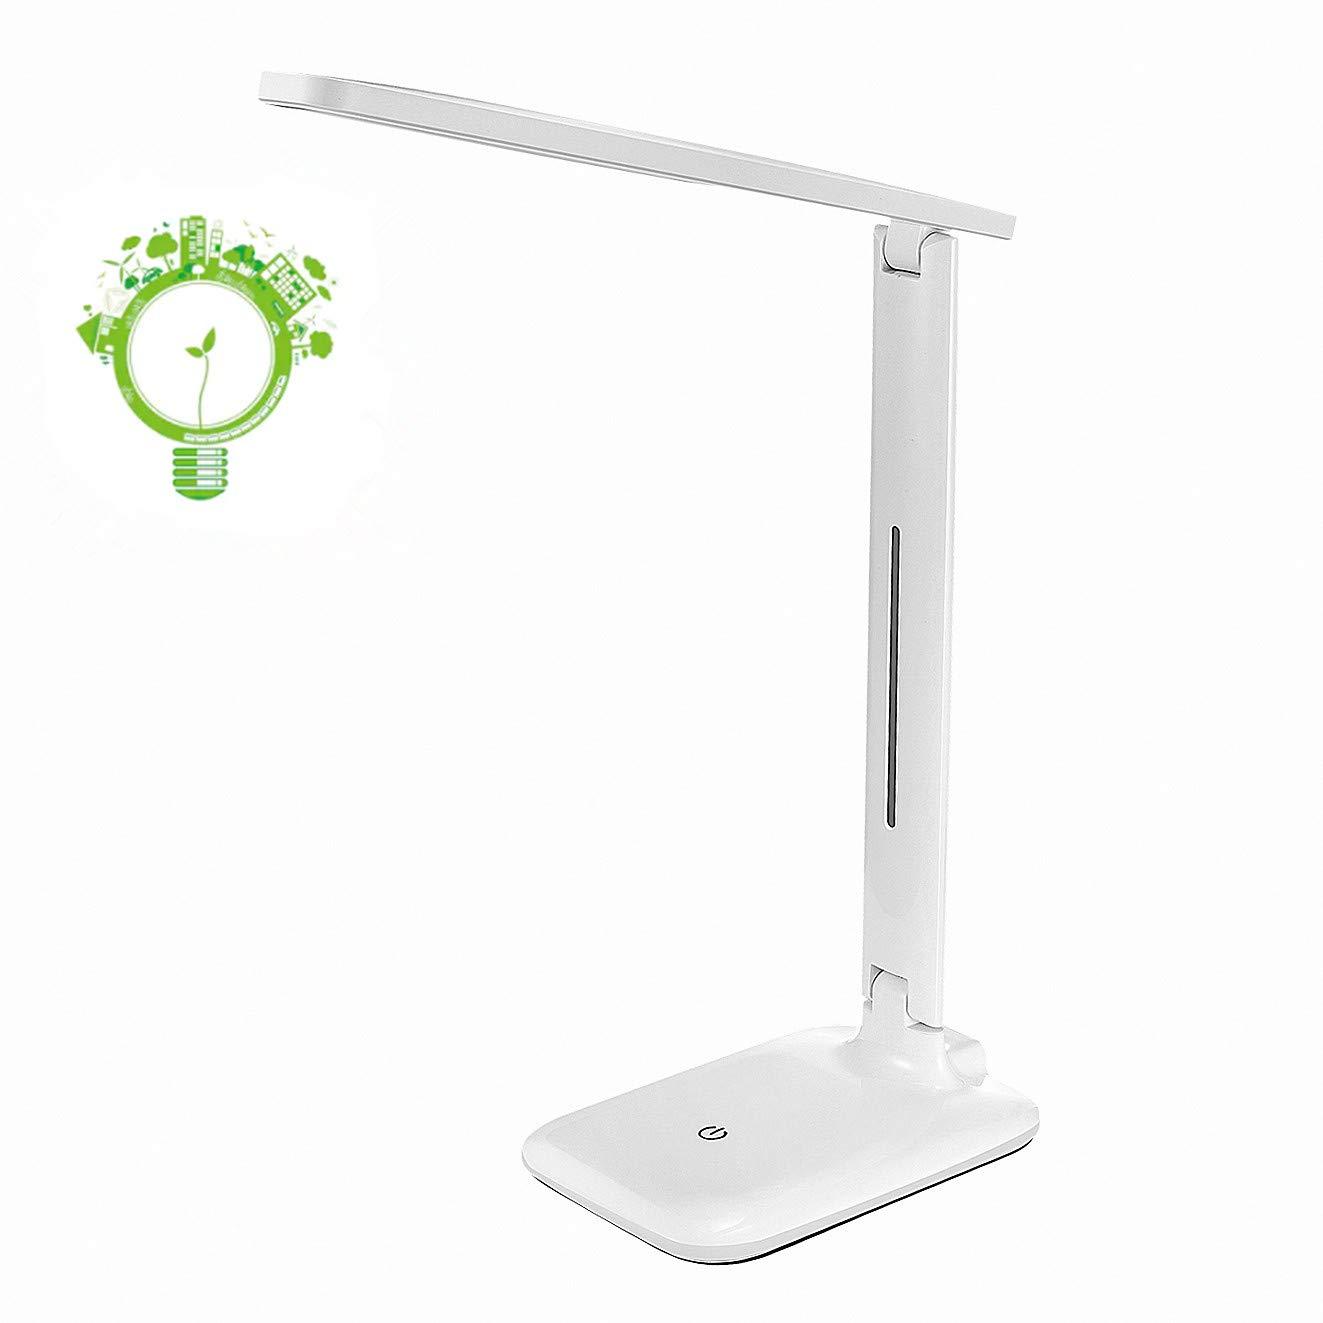 OMORC Lampada da Tavolo Lettura Led con Pinza USB Ricaricabile Tattile Portatile 3 Modalità di Luce Notturna Calda e Bianca